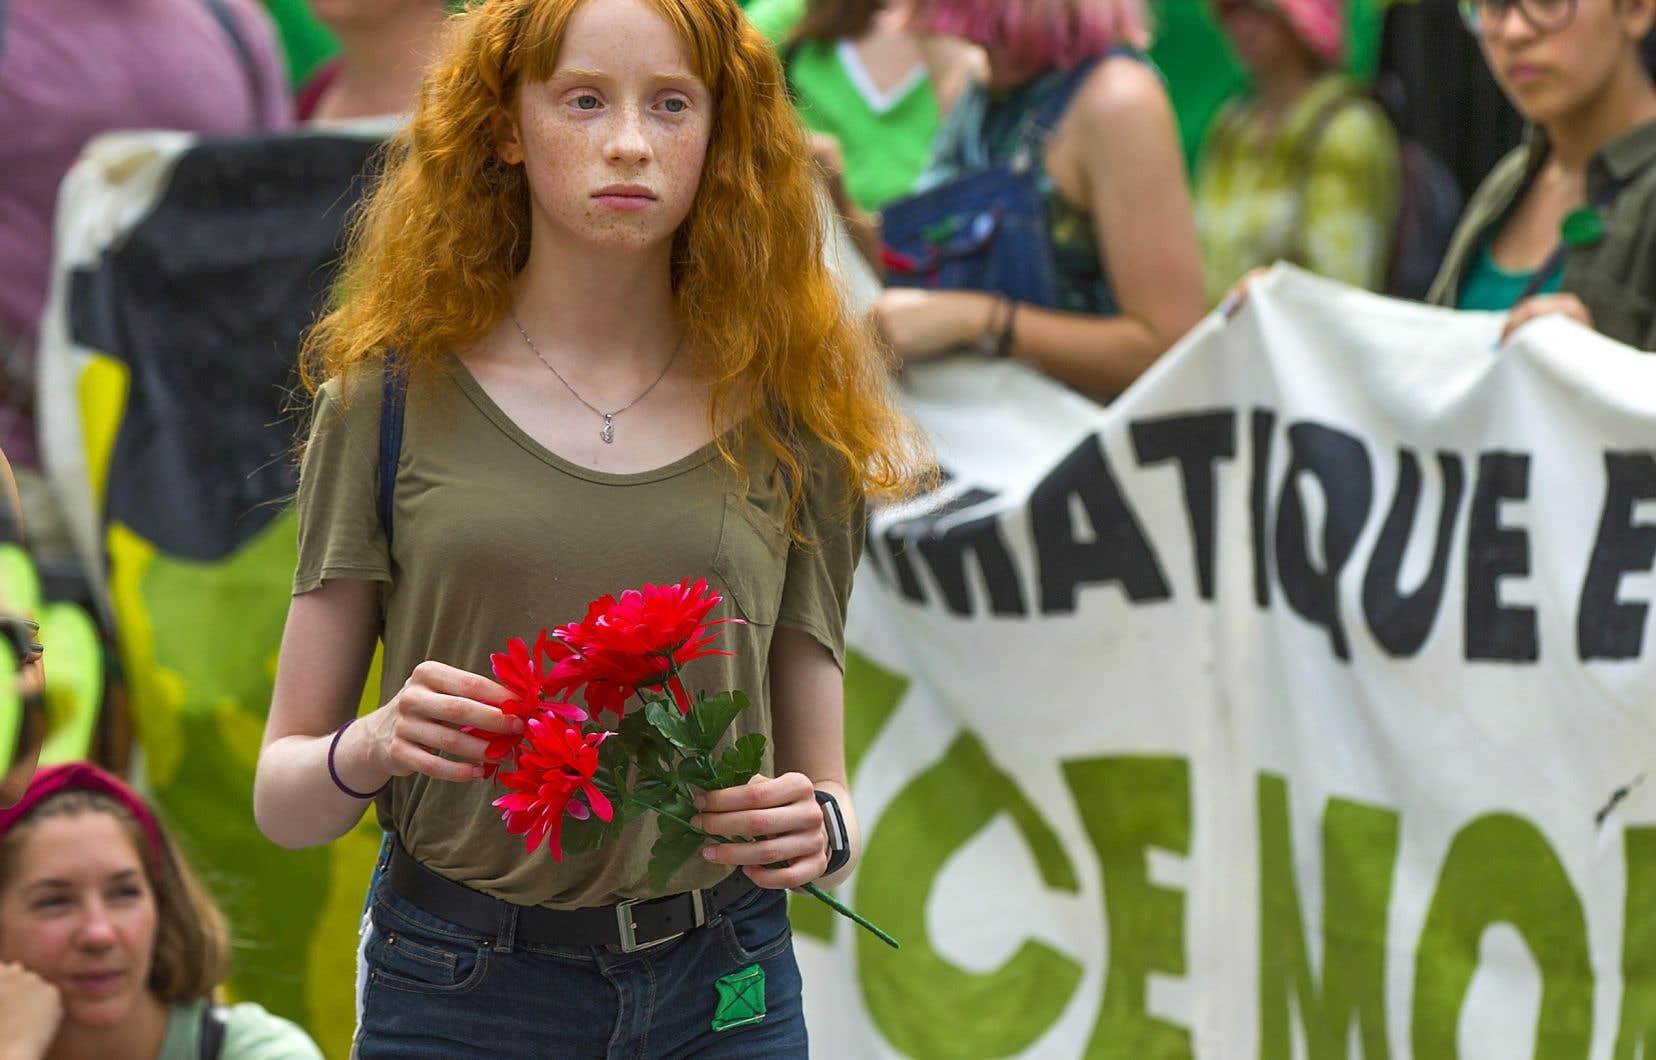 Armés de leur vulnérabilité, des millions de jeunes descendent dans la rue pour dénoncer l'inaction climatique. Pour l'instant, ils sont pacifiques...